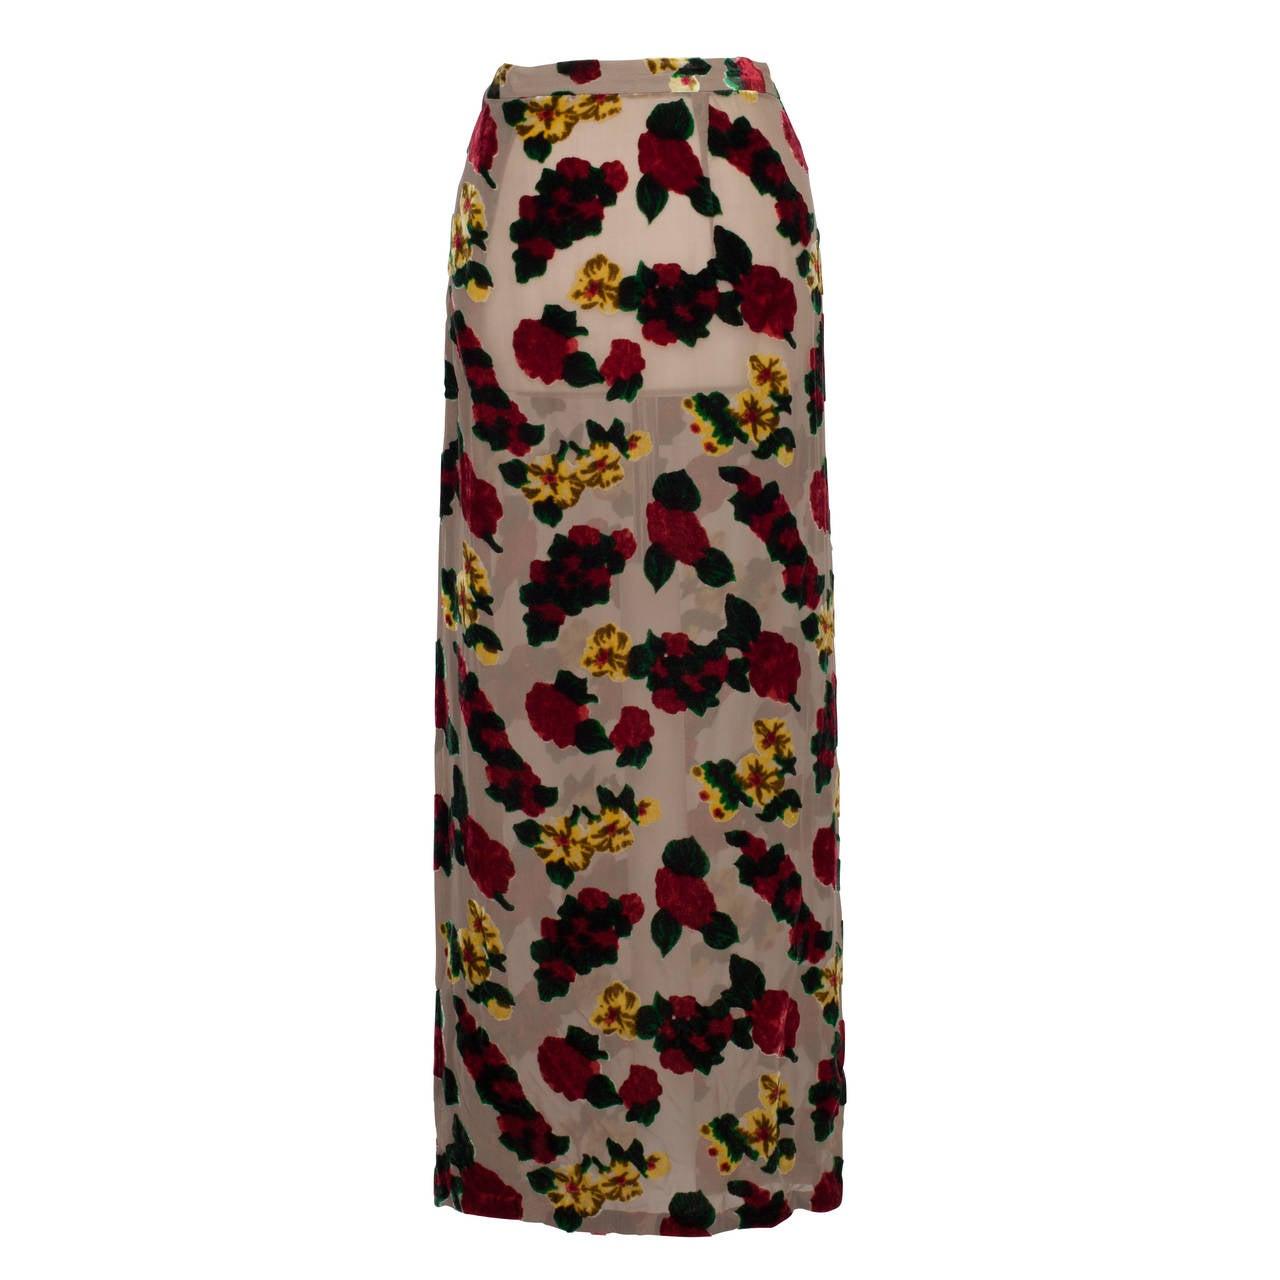 Yohji Yamamoto Sheer Skirt 1997 For Sale